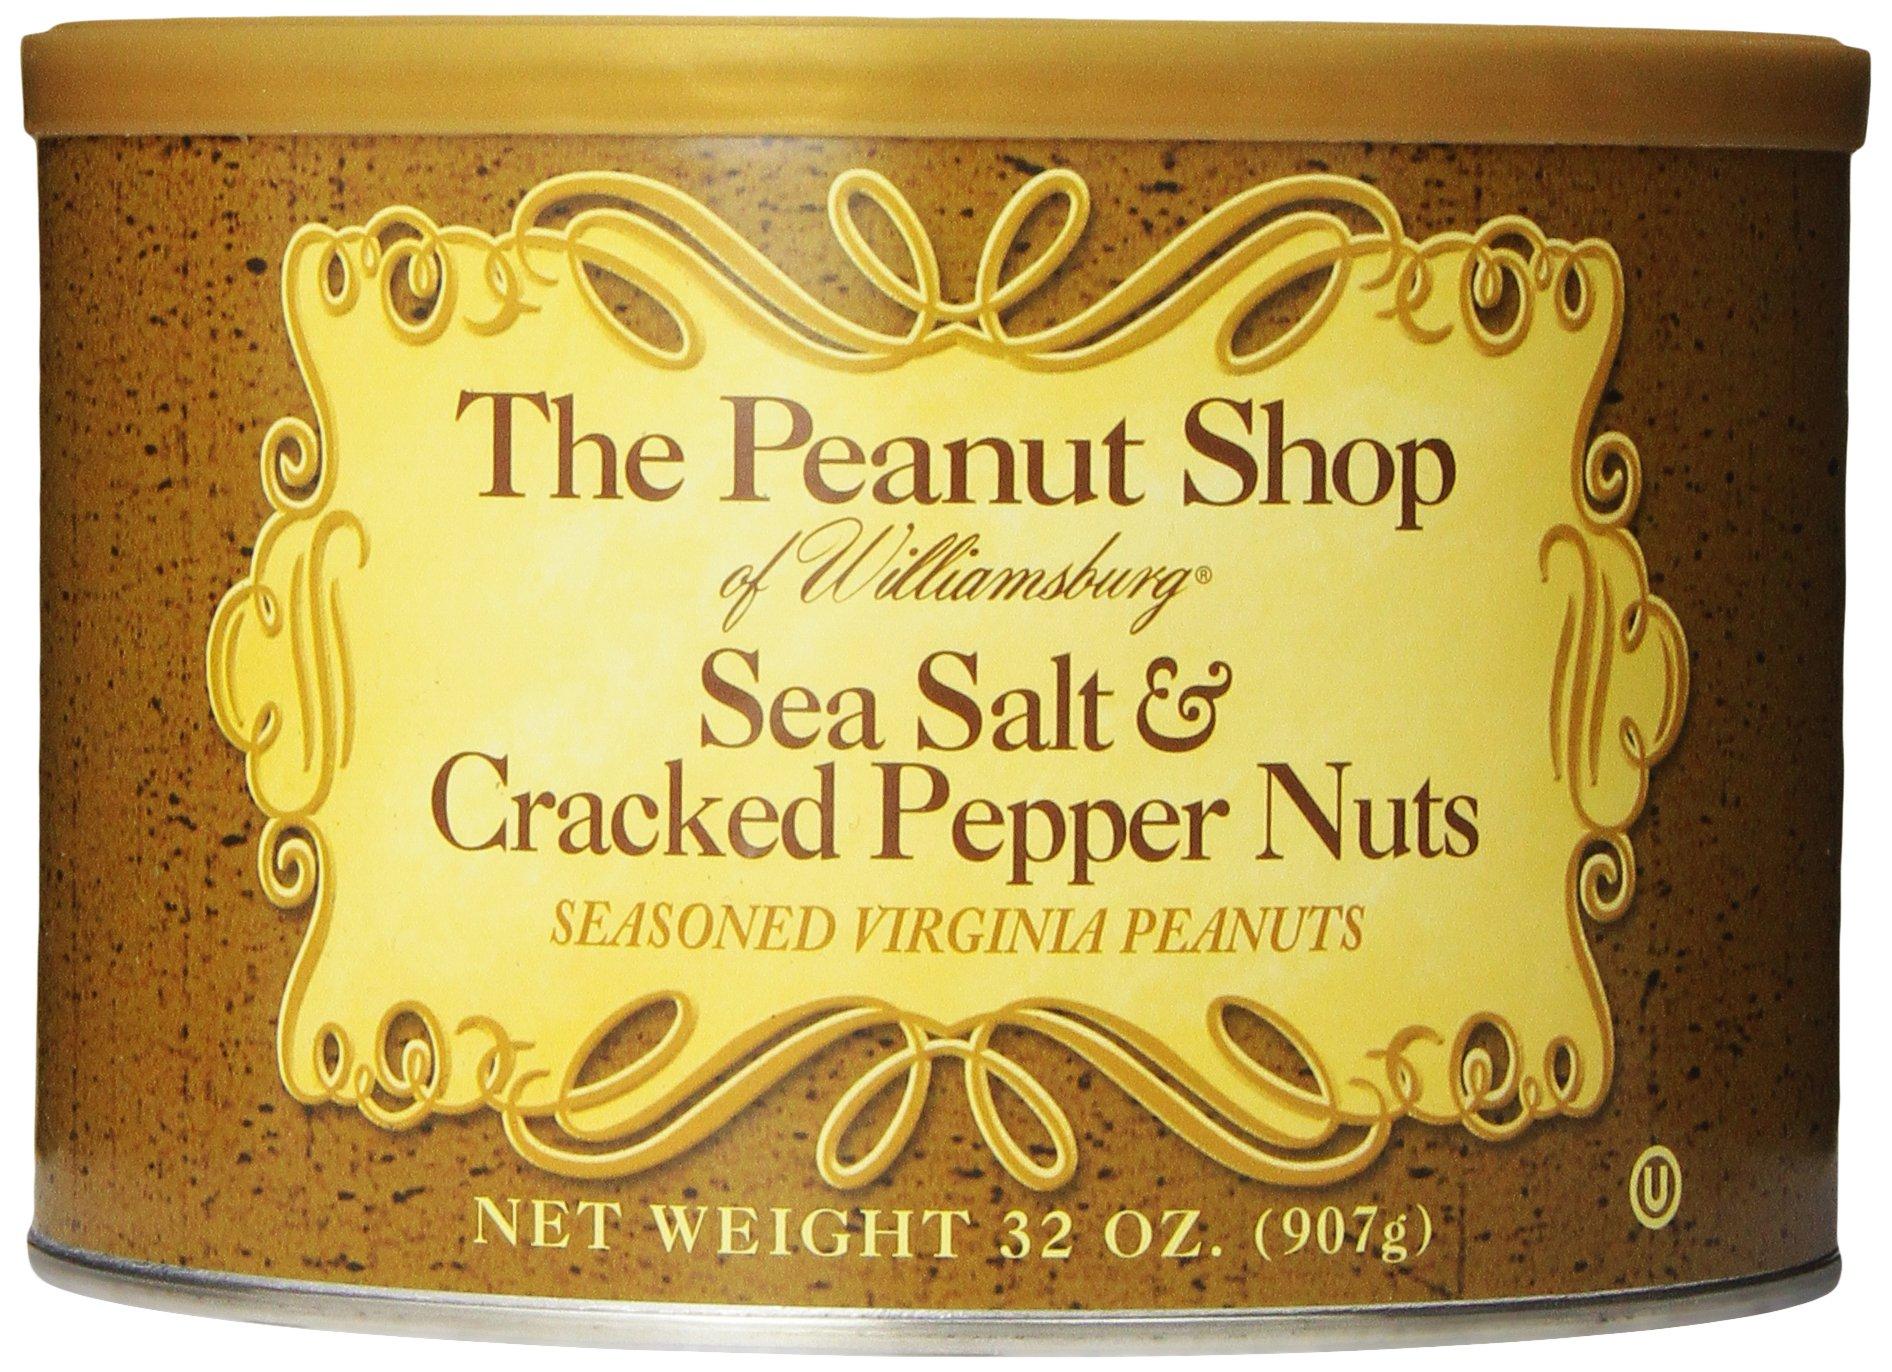 The Peanut Shop of Williamsburg Seasoned Virginia Peanuts, Sea Salt & Cracked Pepper, 32 Ounce